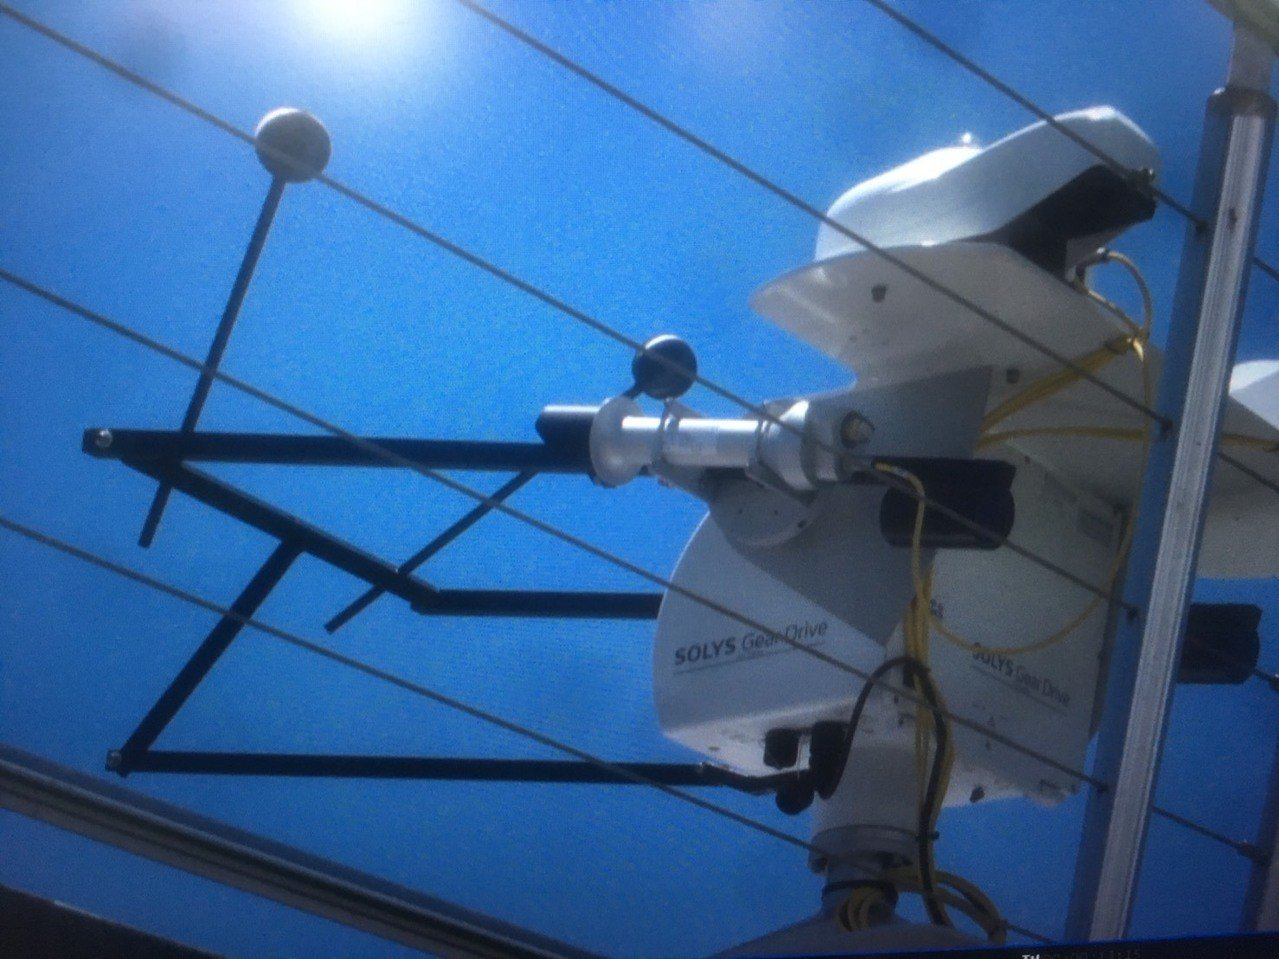 監測太陽輻射的太陽輻射感應儀,連接線遭人觸碰後,一度造成監測作業中斷。圖/讀者提...